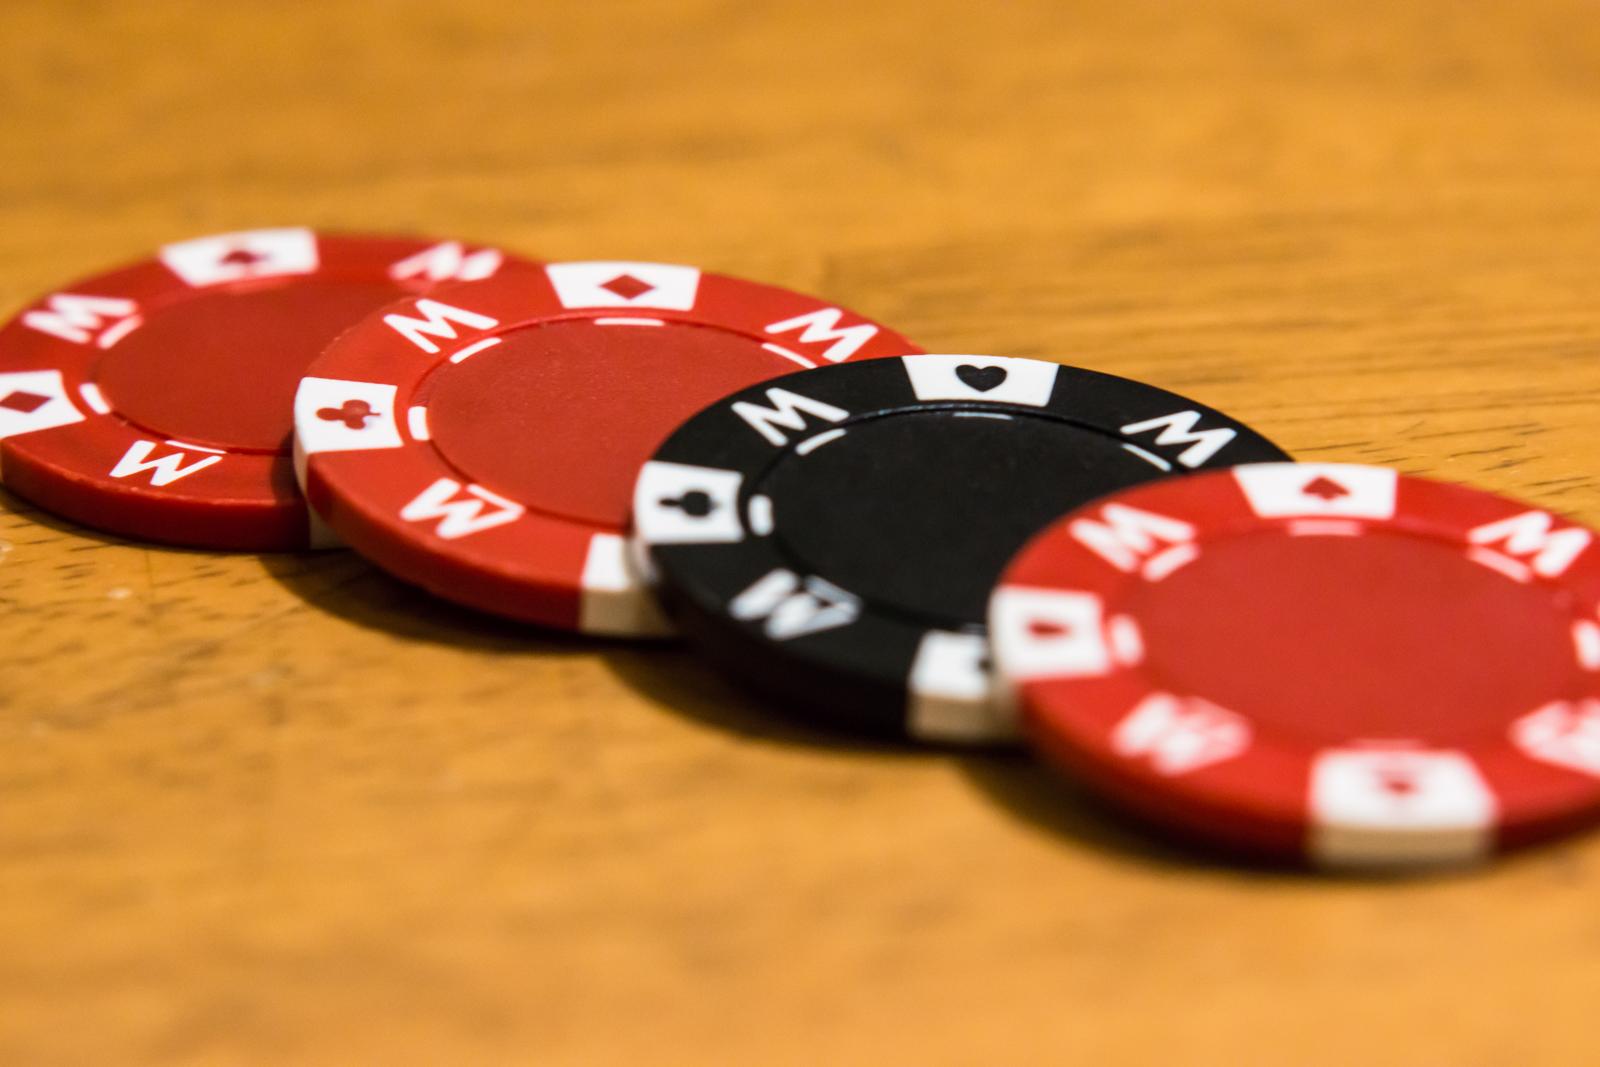 奥行きがある構図で撮影した玩具のコインの写真